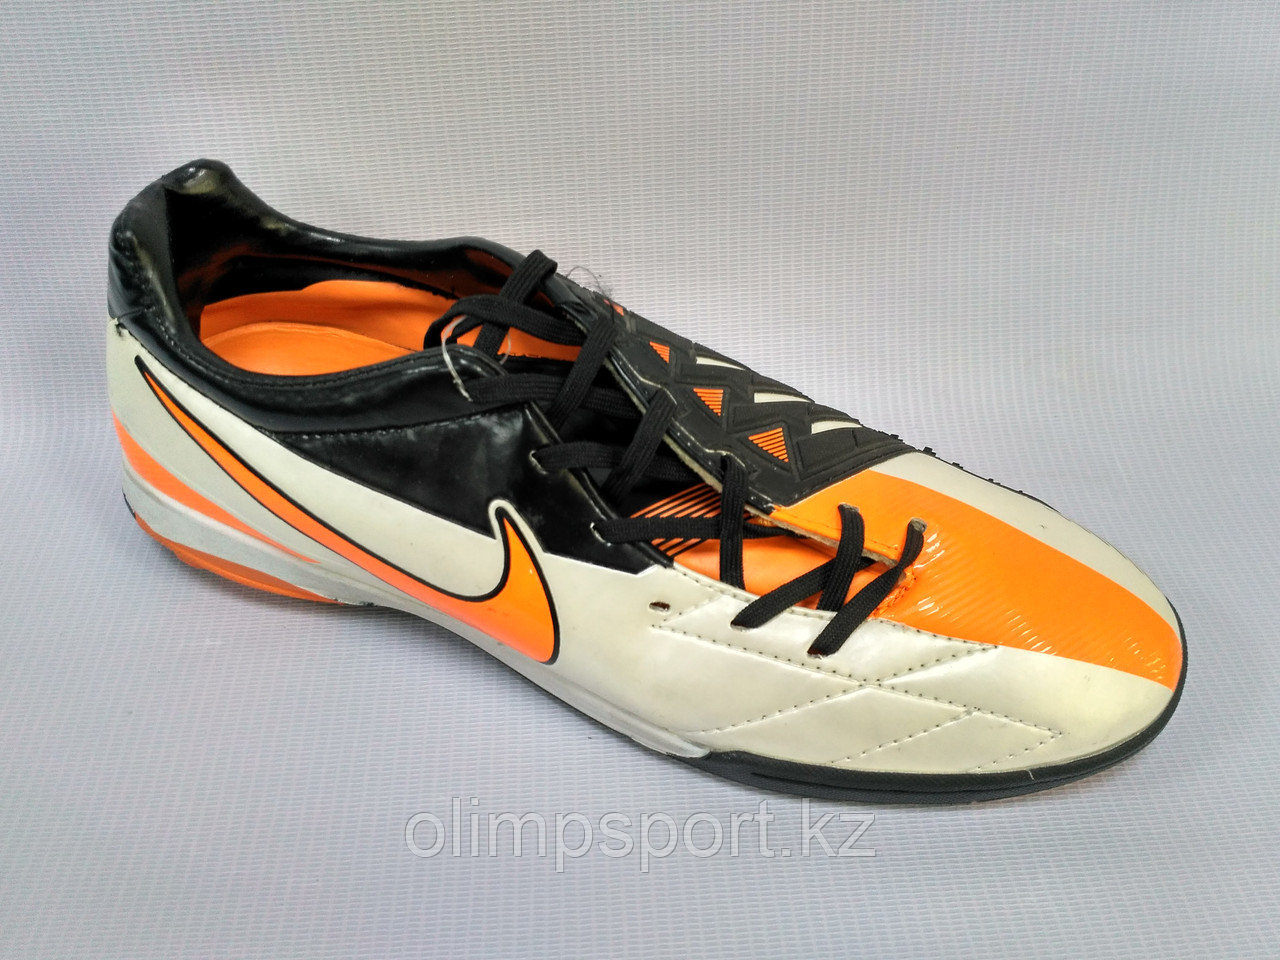 Сороконожки Nike T90